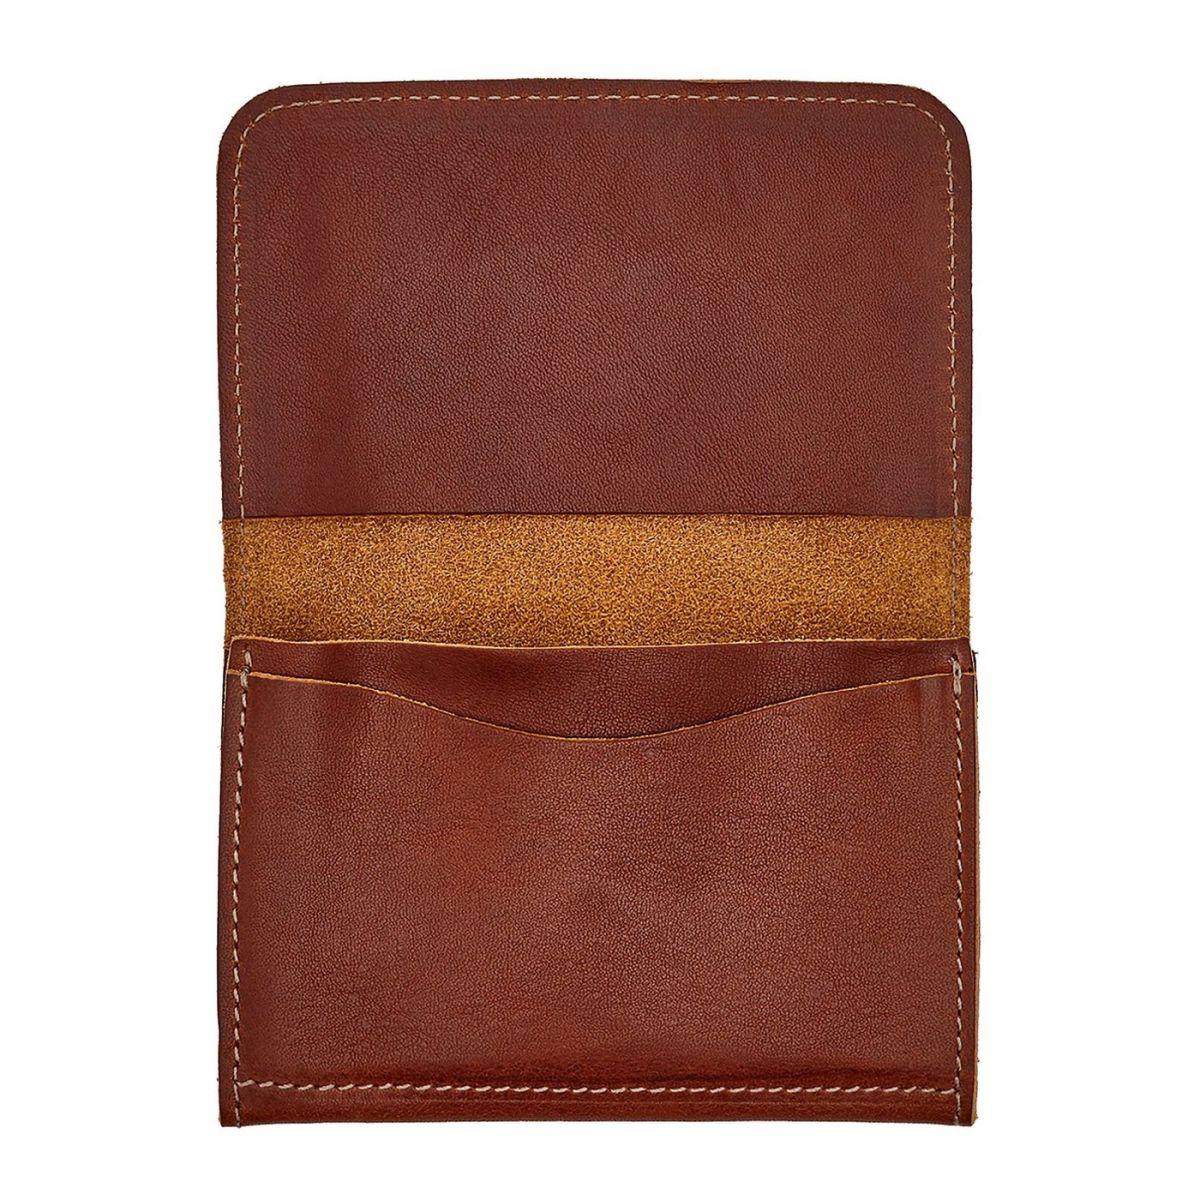 Card Case in Vintage Cowhide Leather color Dark Brown Seppia - SCC004 | Details